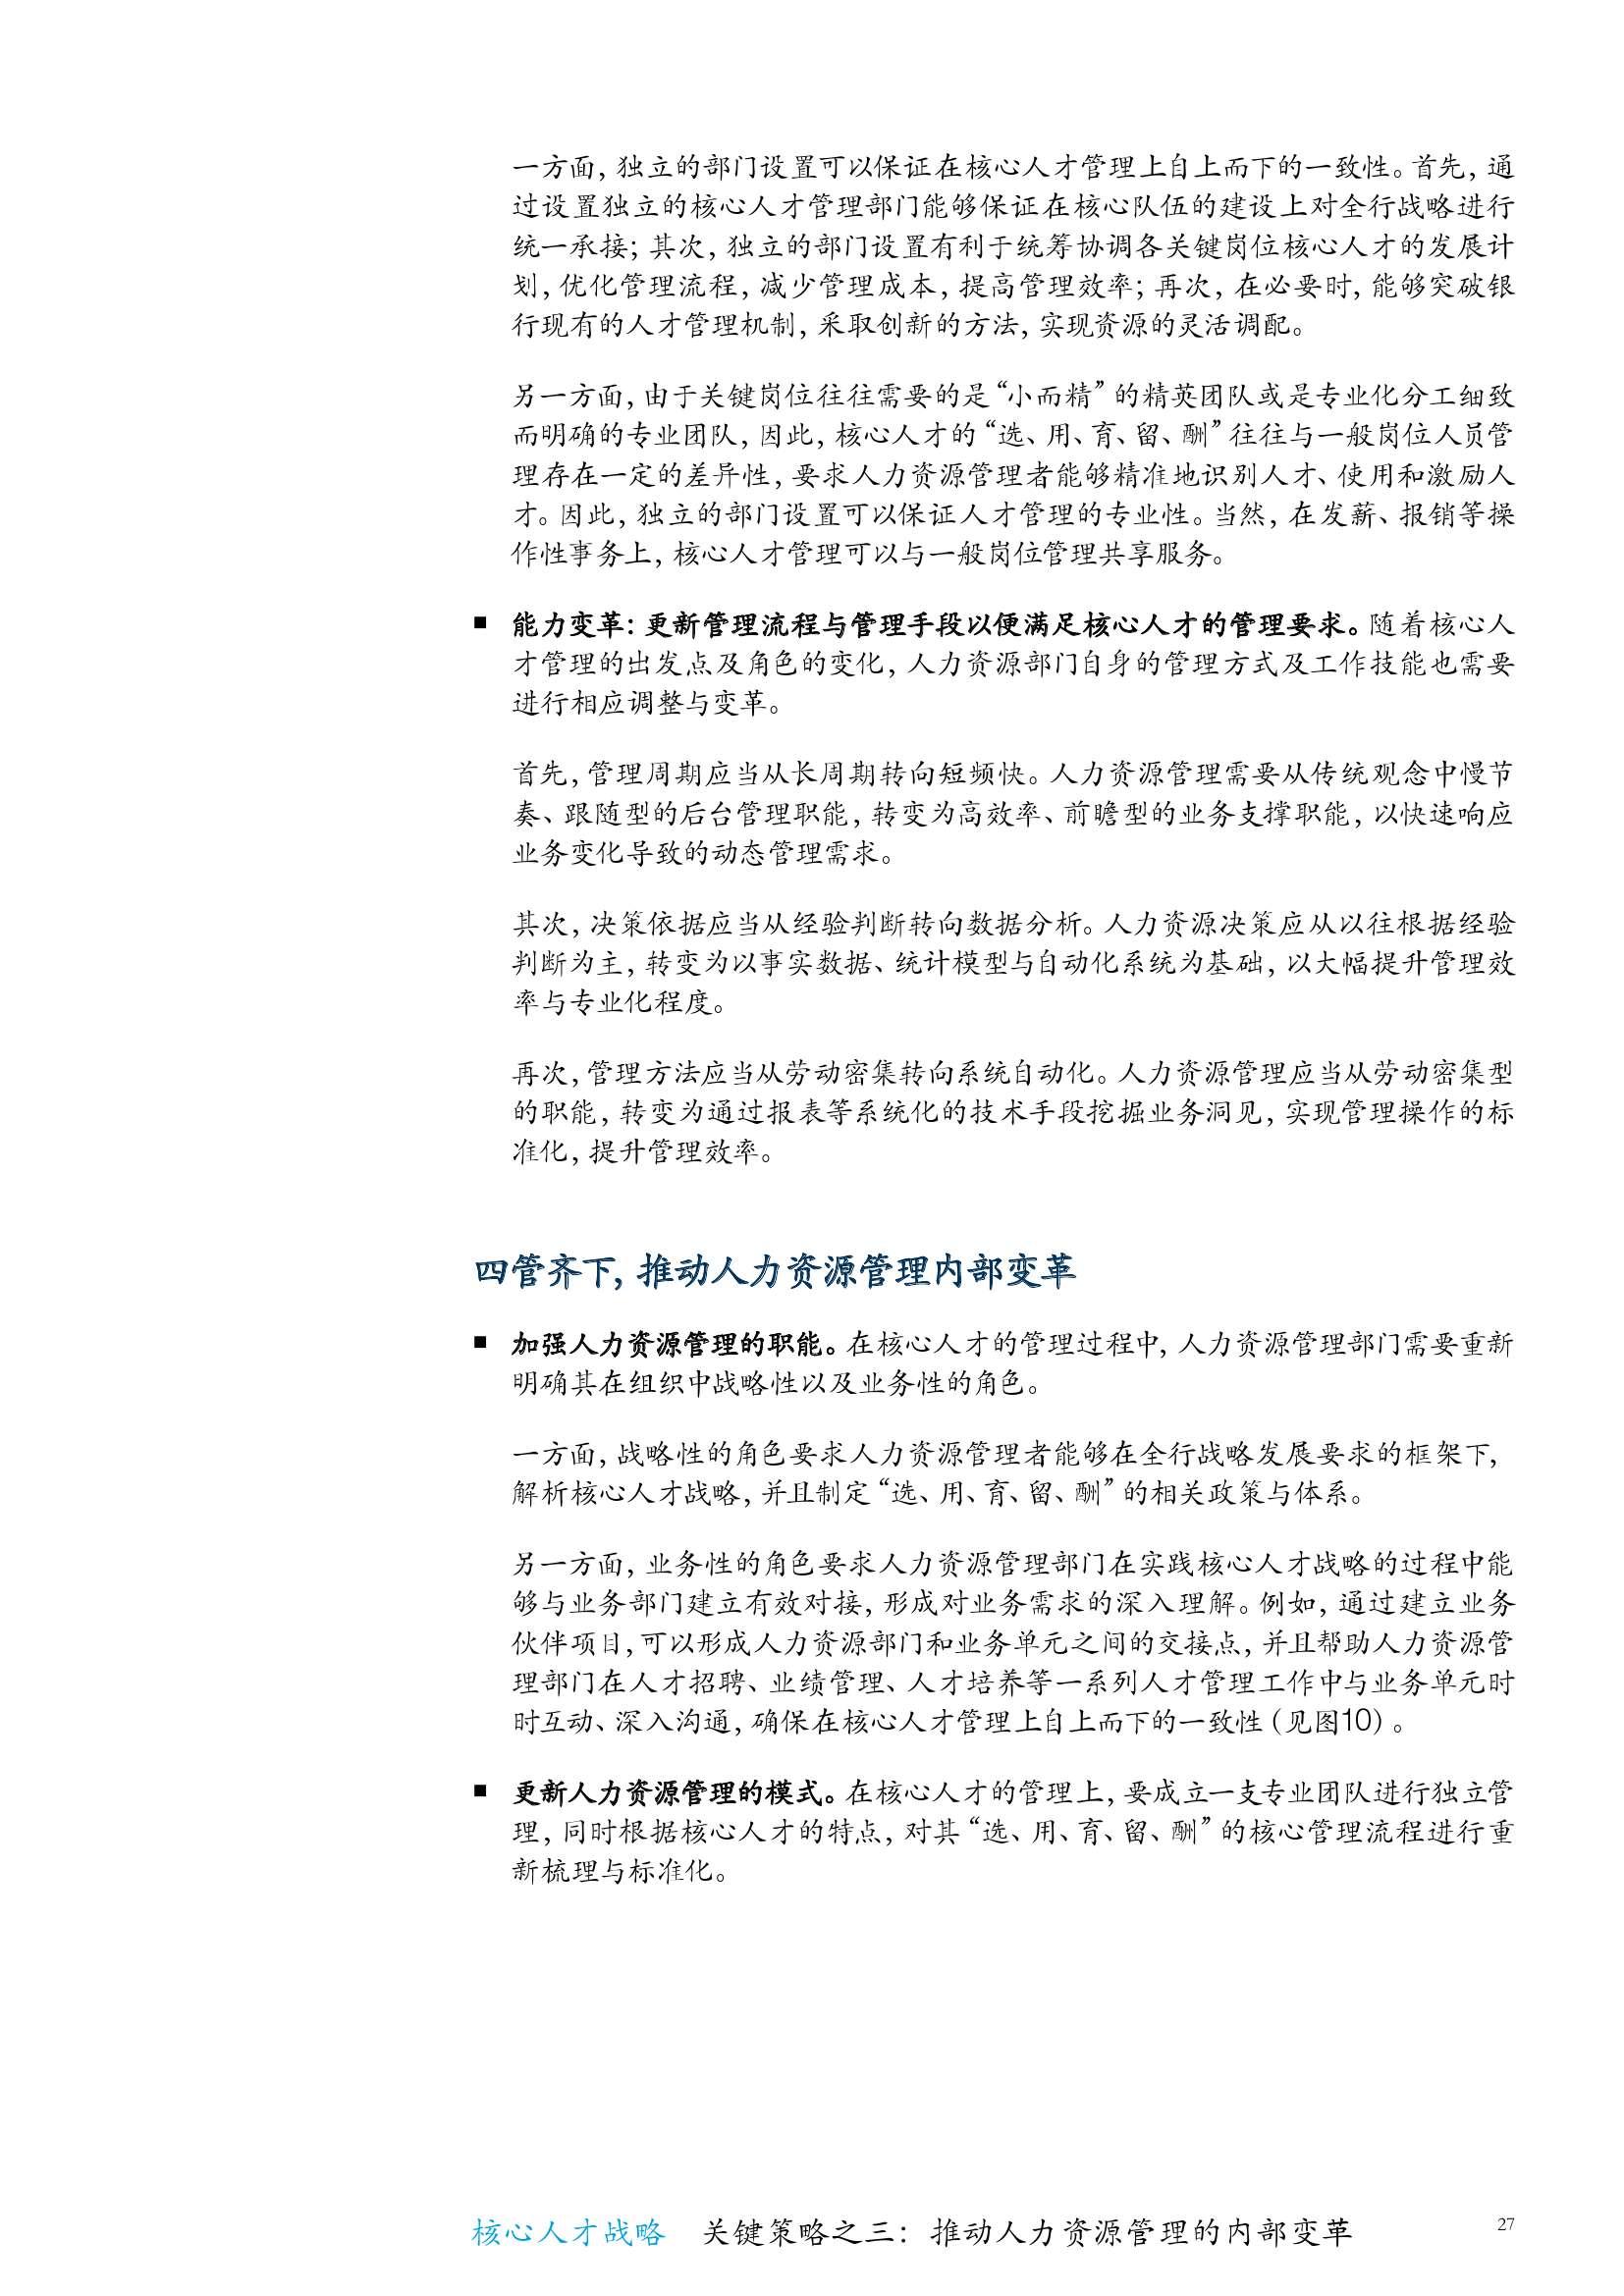 中国银行行业白皮书--核心人才战略4_000033